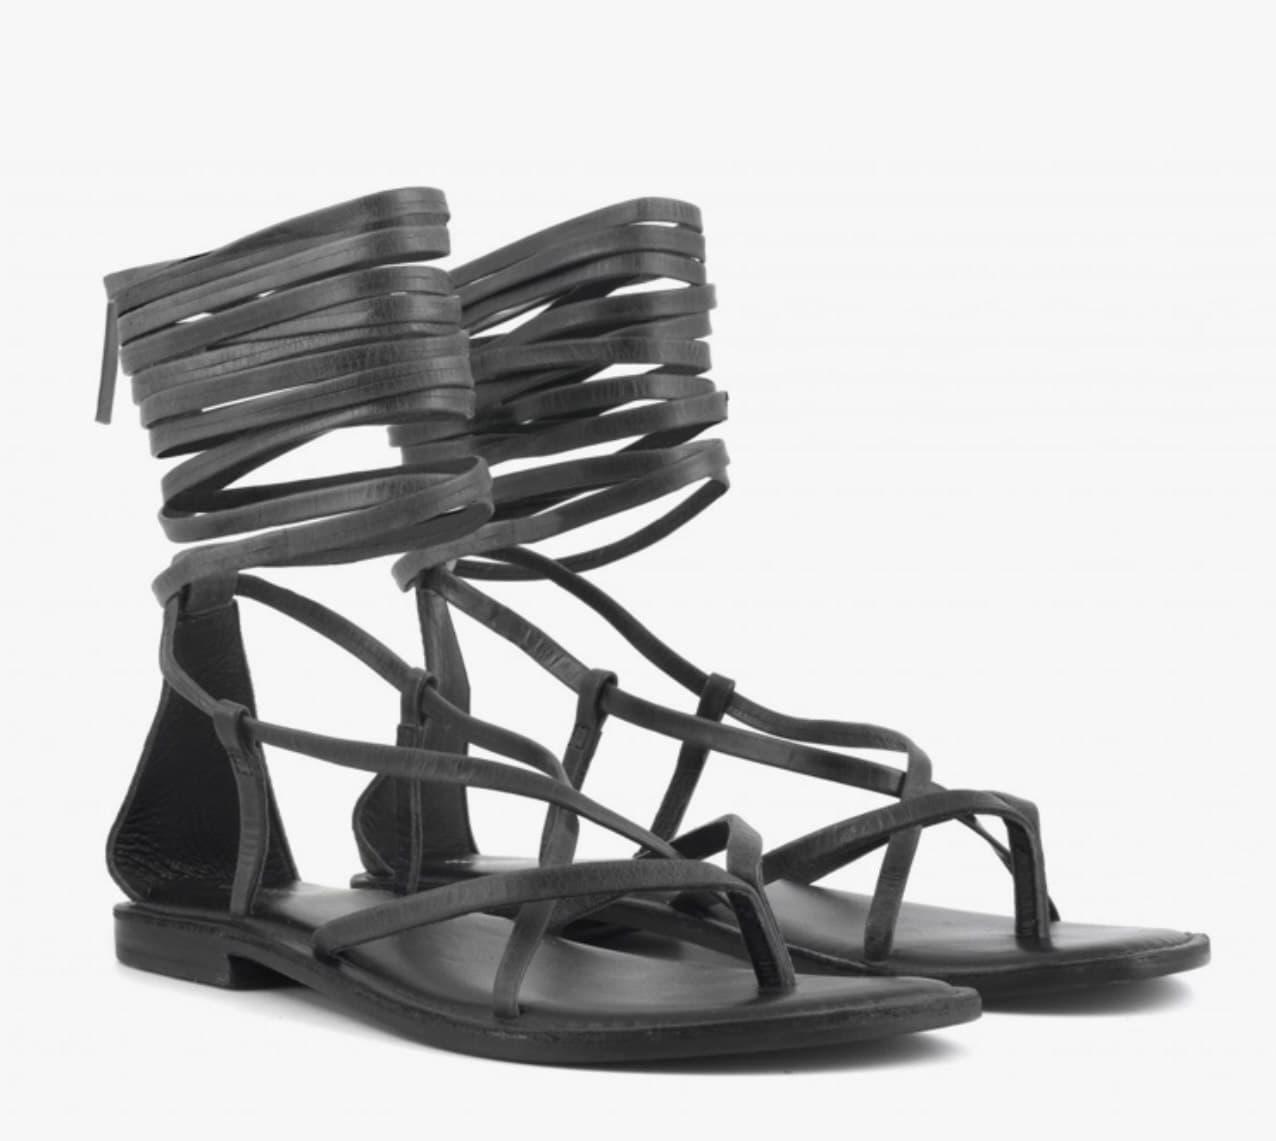 lacci in pelle CB FUSION | Sandalo | R221008BL